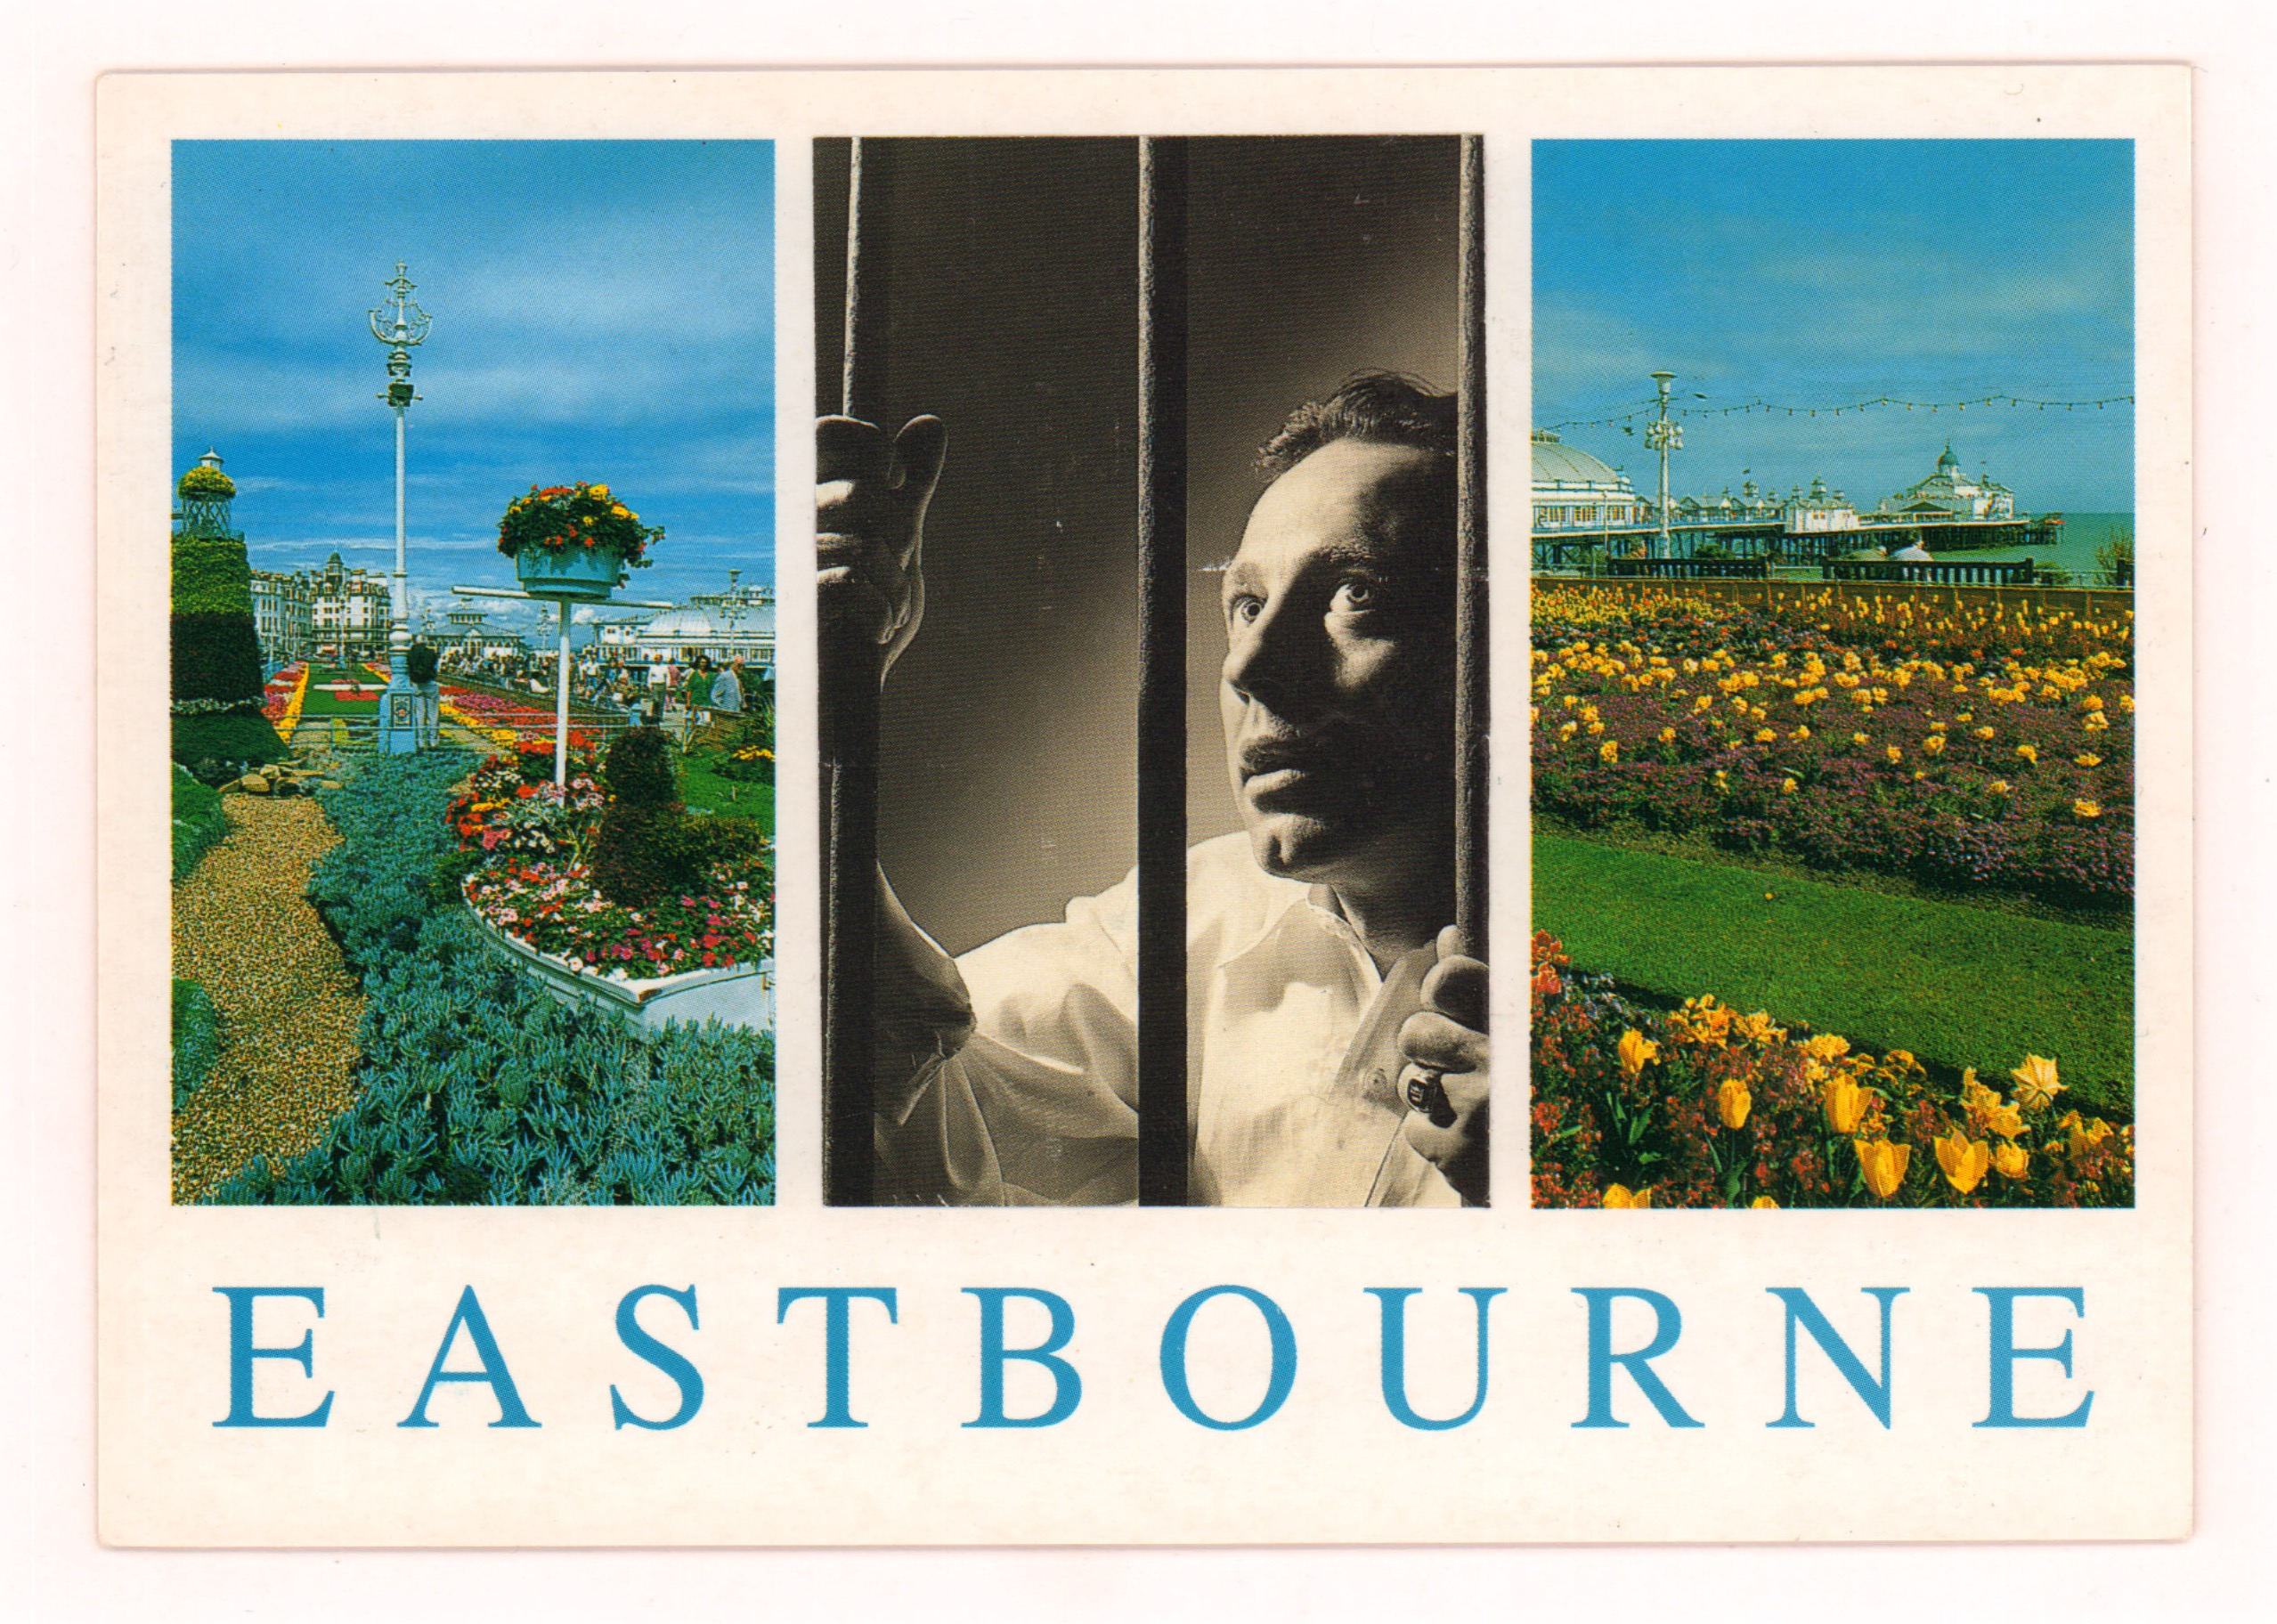 Eastbourne